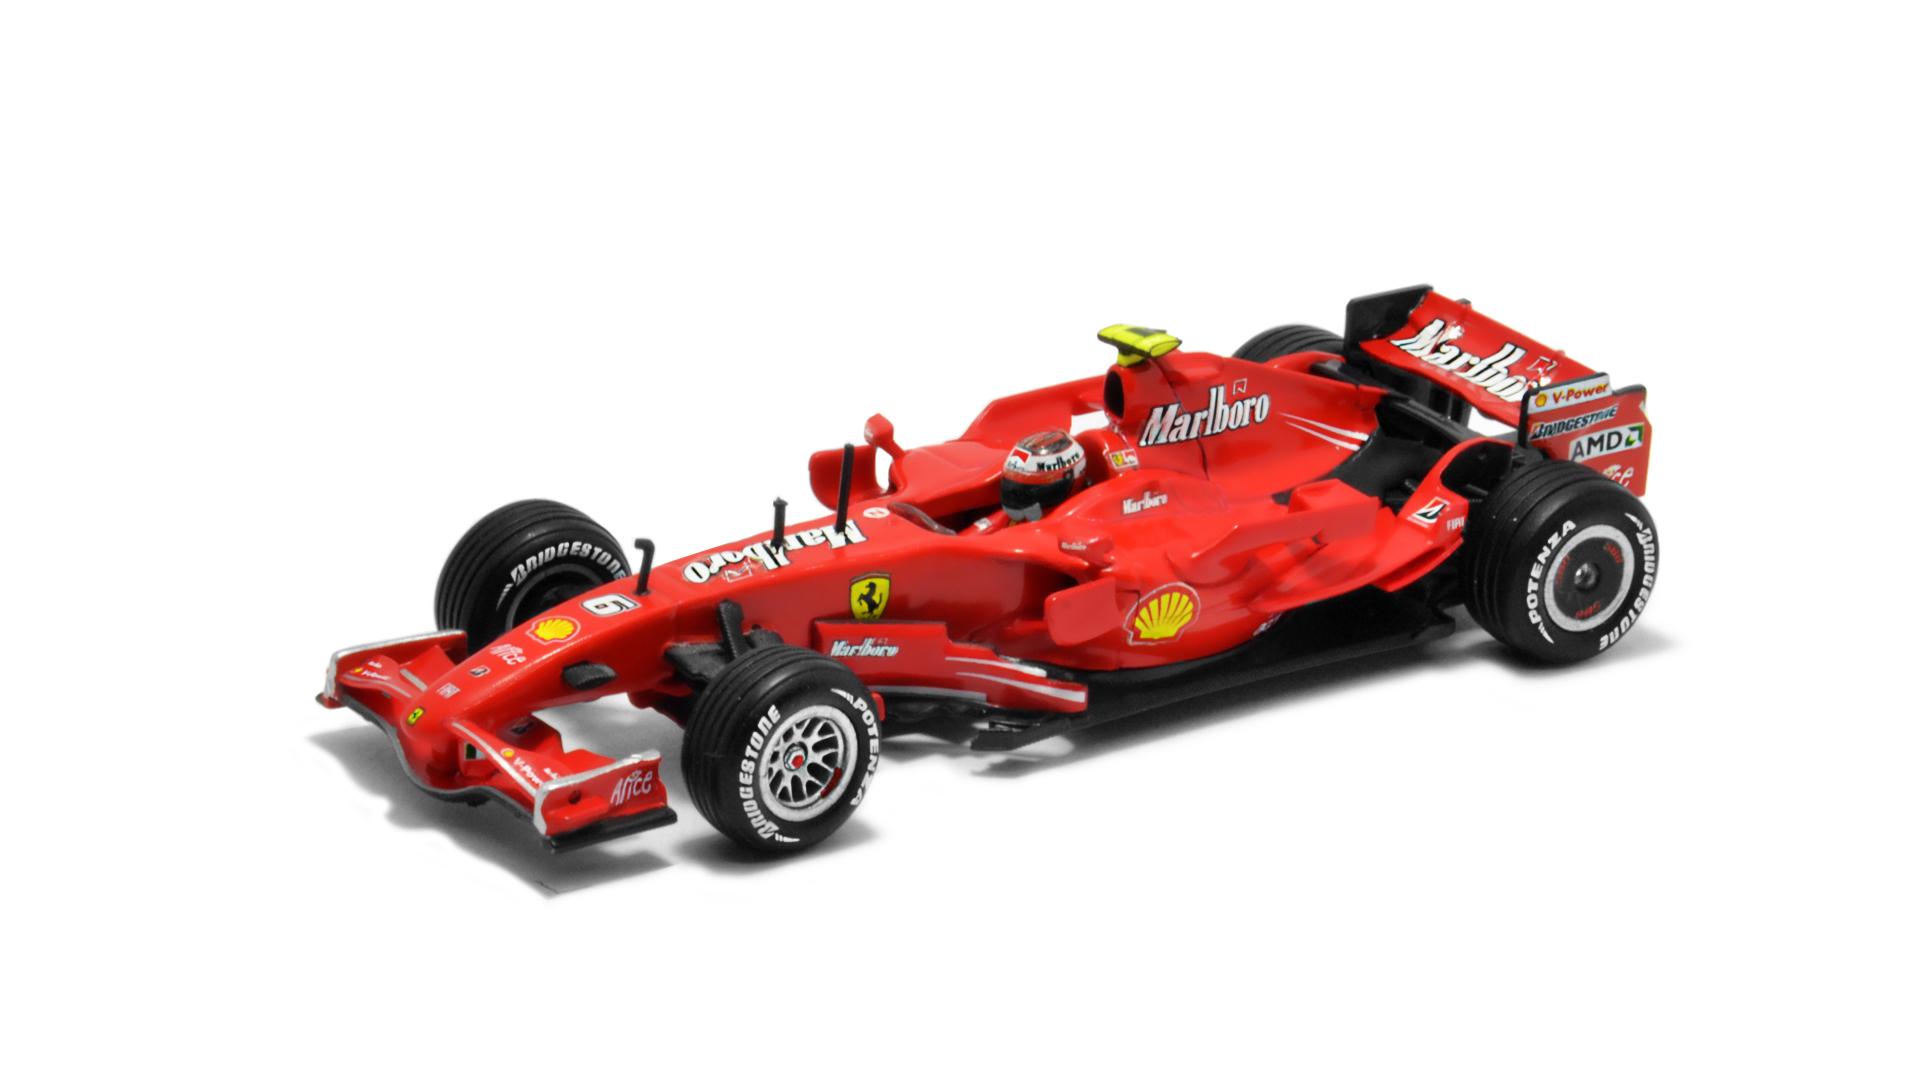 Év: 2007<br />Modell: F2007<br />Gyártó: Hot Wheels<br />Pilóta: Kimi Räikkönen